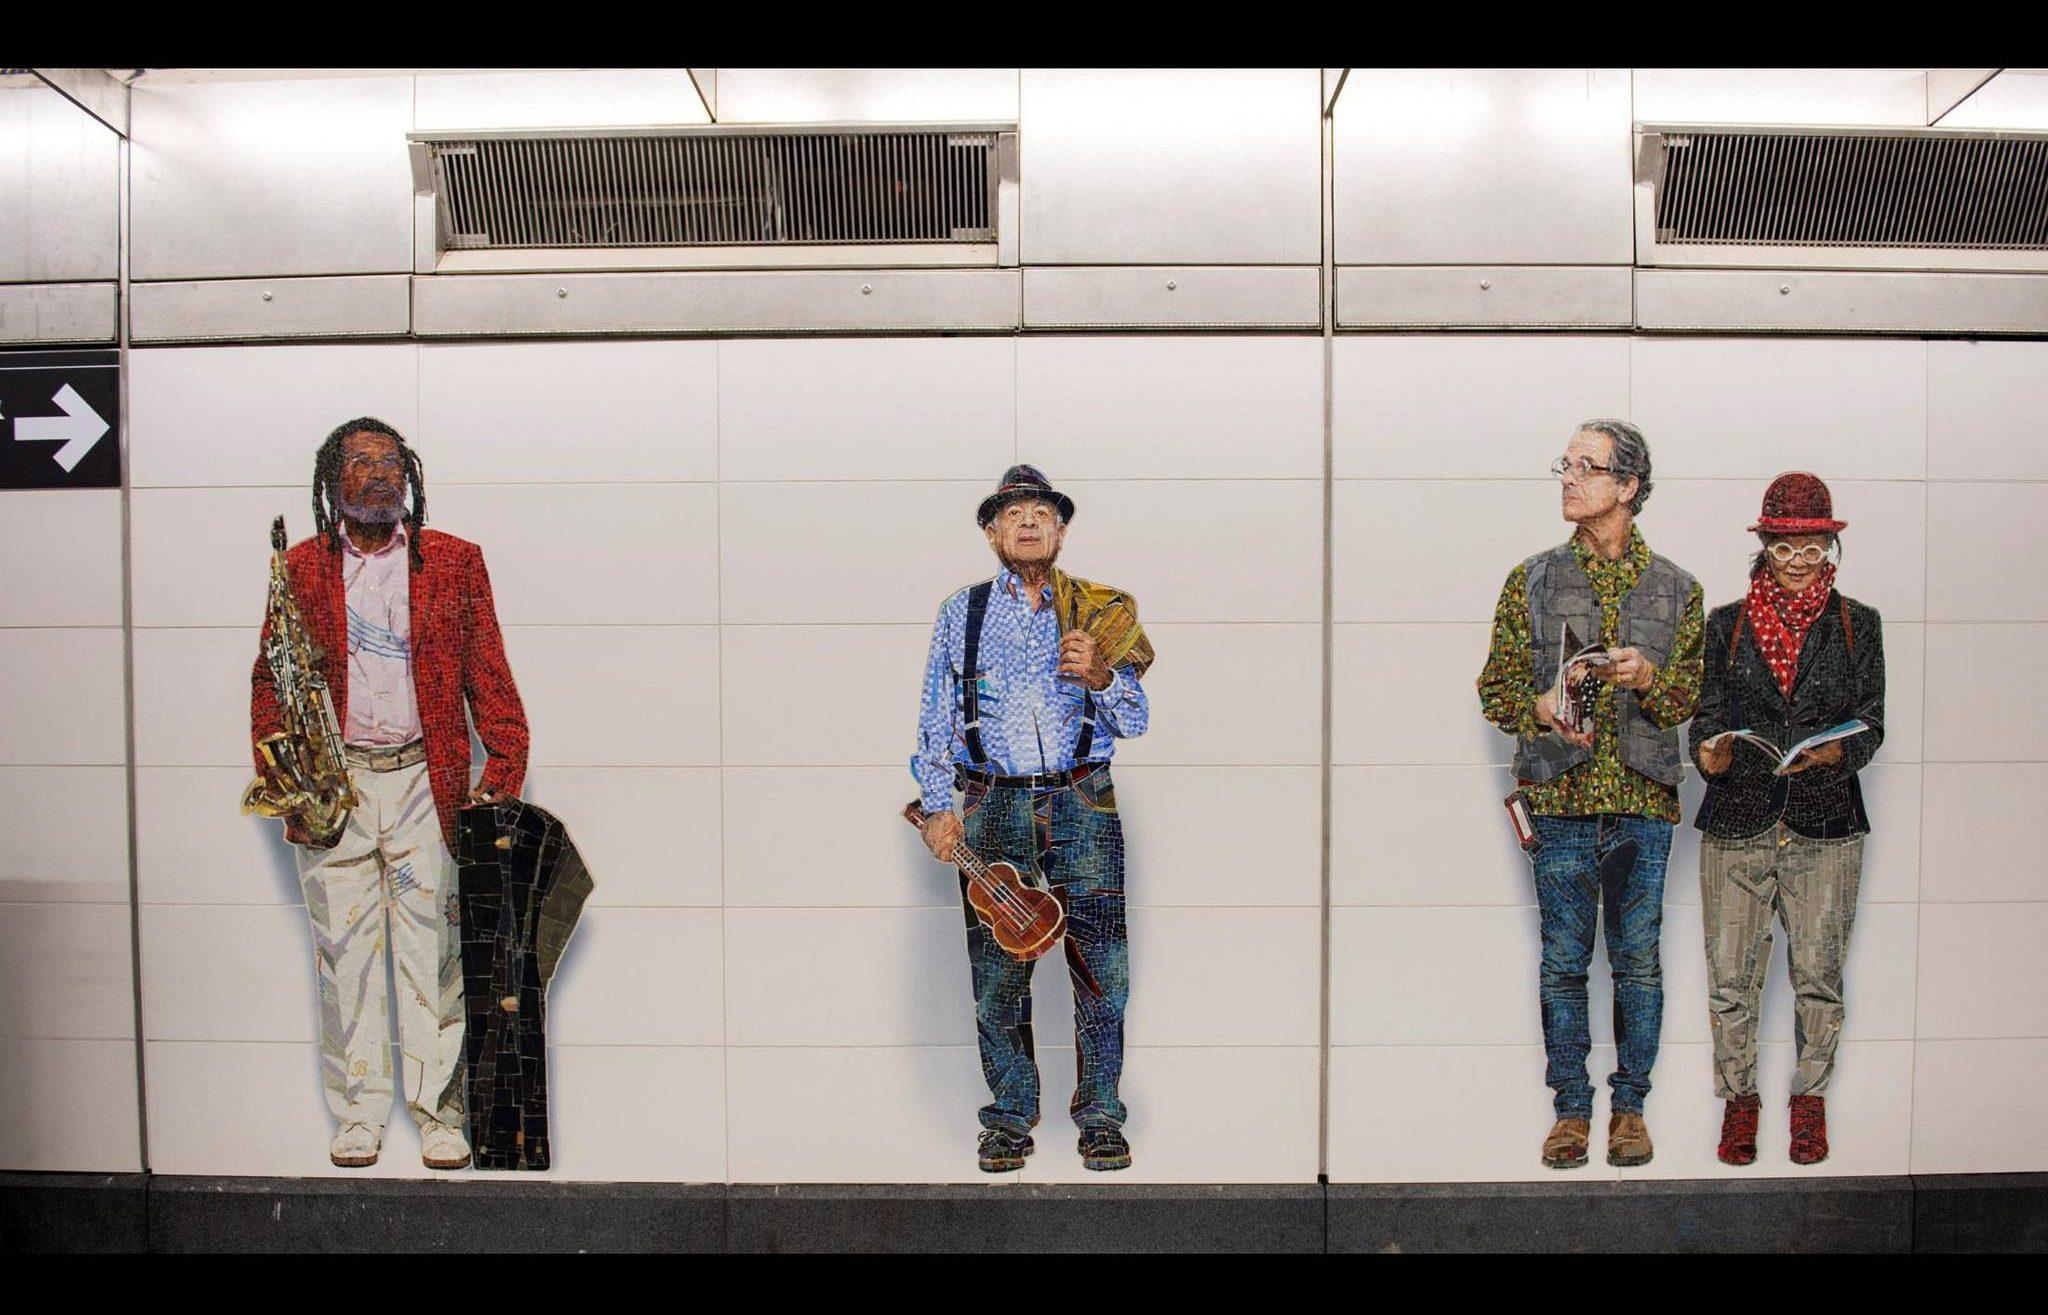 Second Avenue Subway, Second Avenue Subway art, Second Avenue Subway design, subway art, art nyc, Chuck Close, Vik Muniz